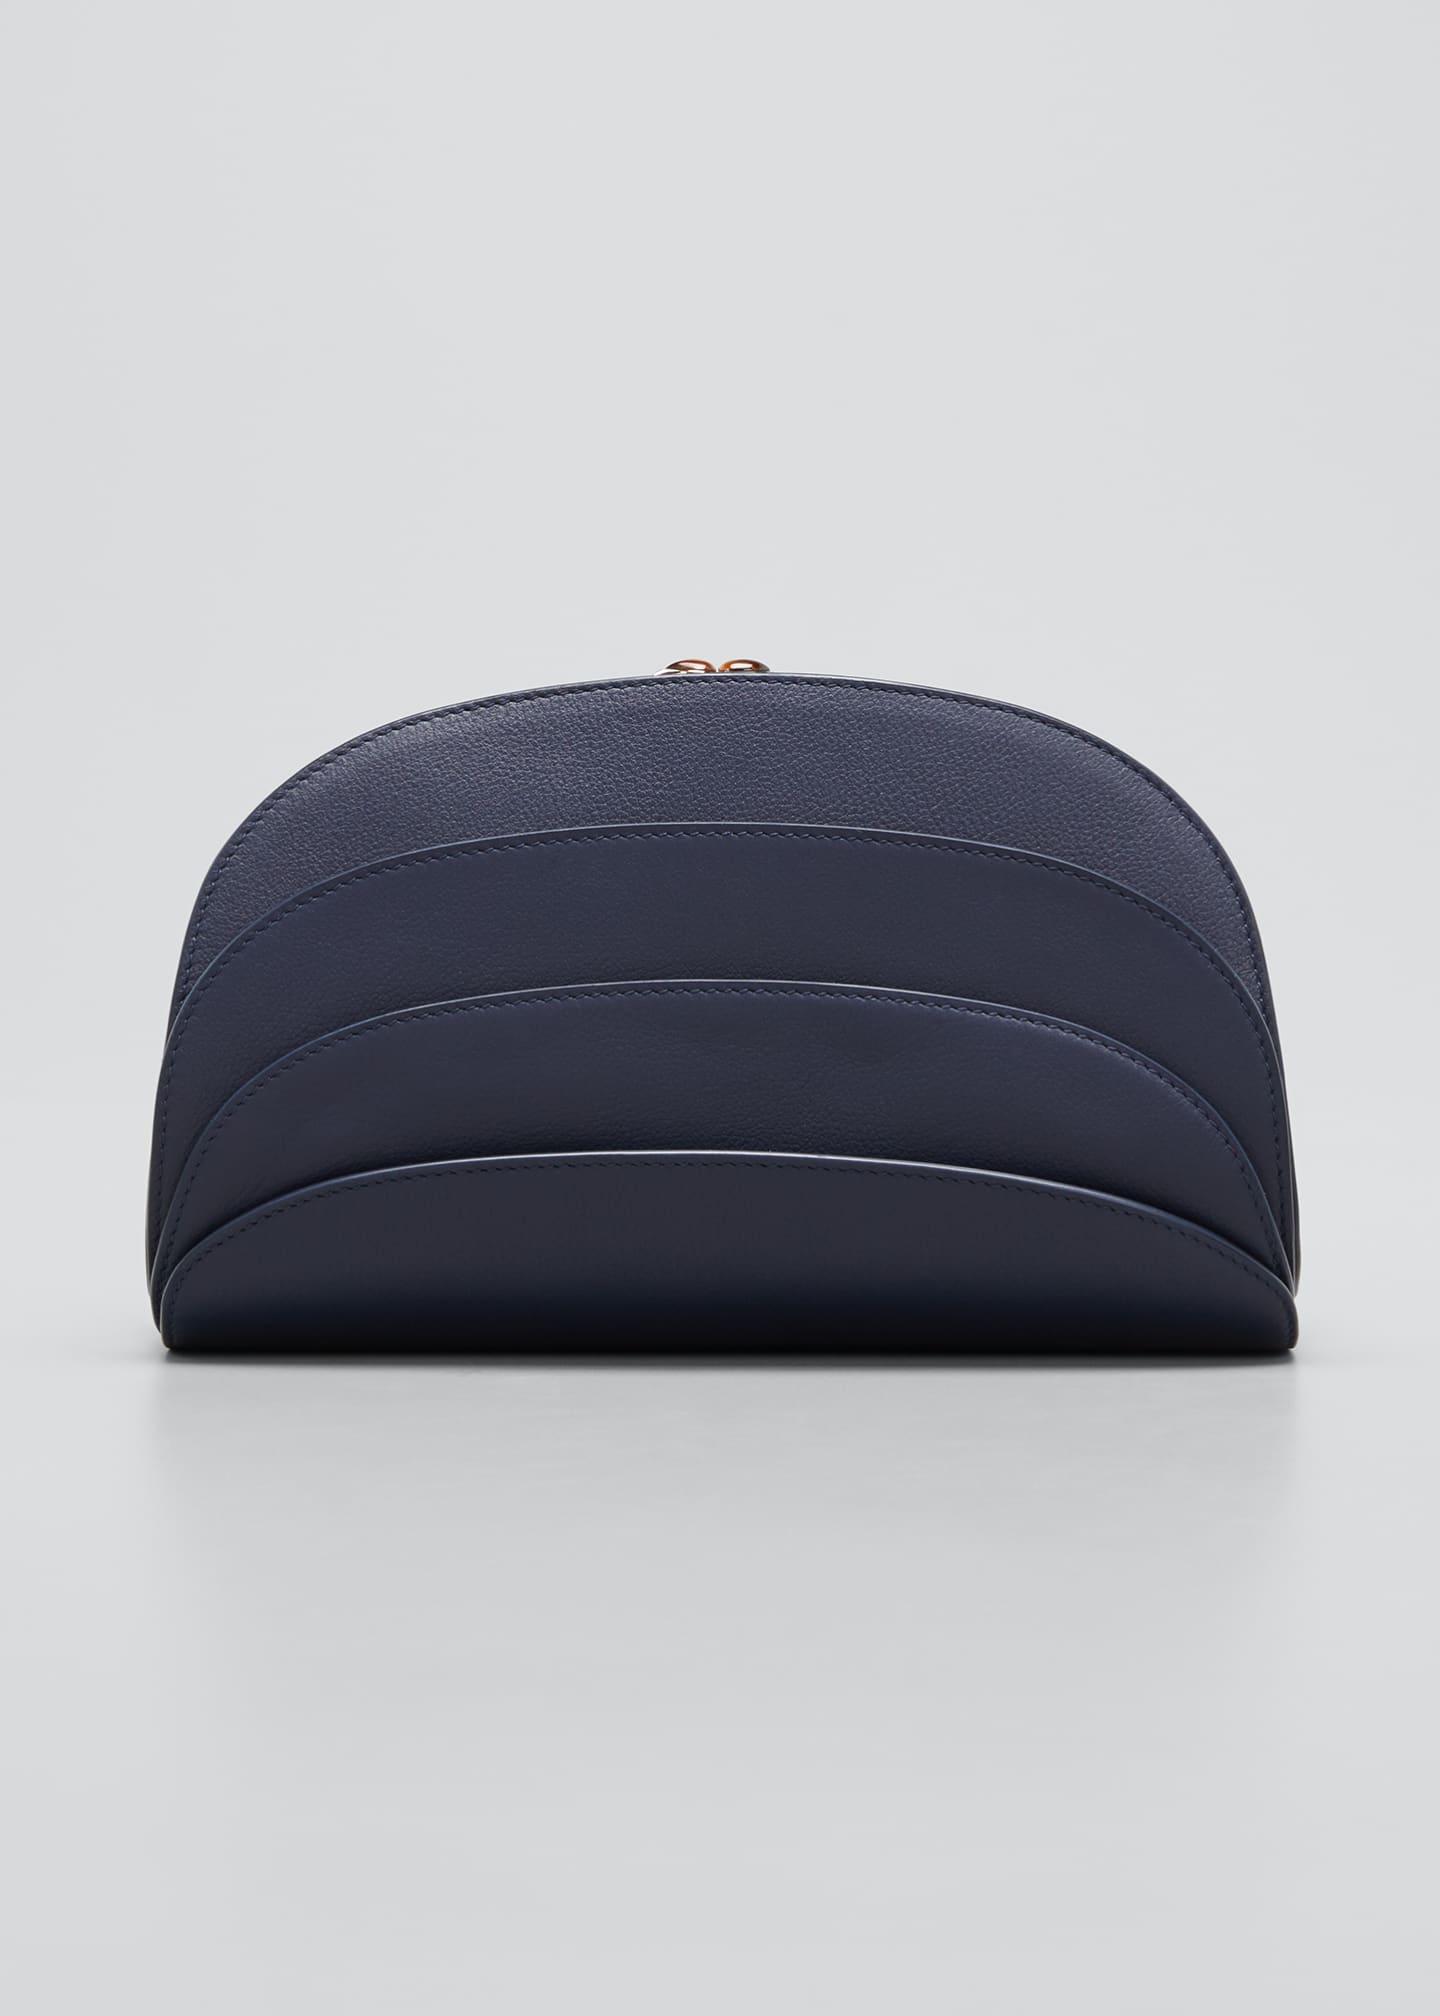 Gabo Guzzo Millefoglie Layered Leather Clutch Bag with